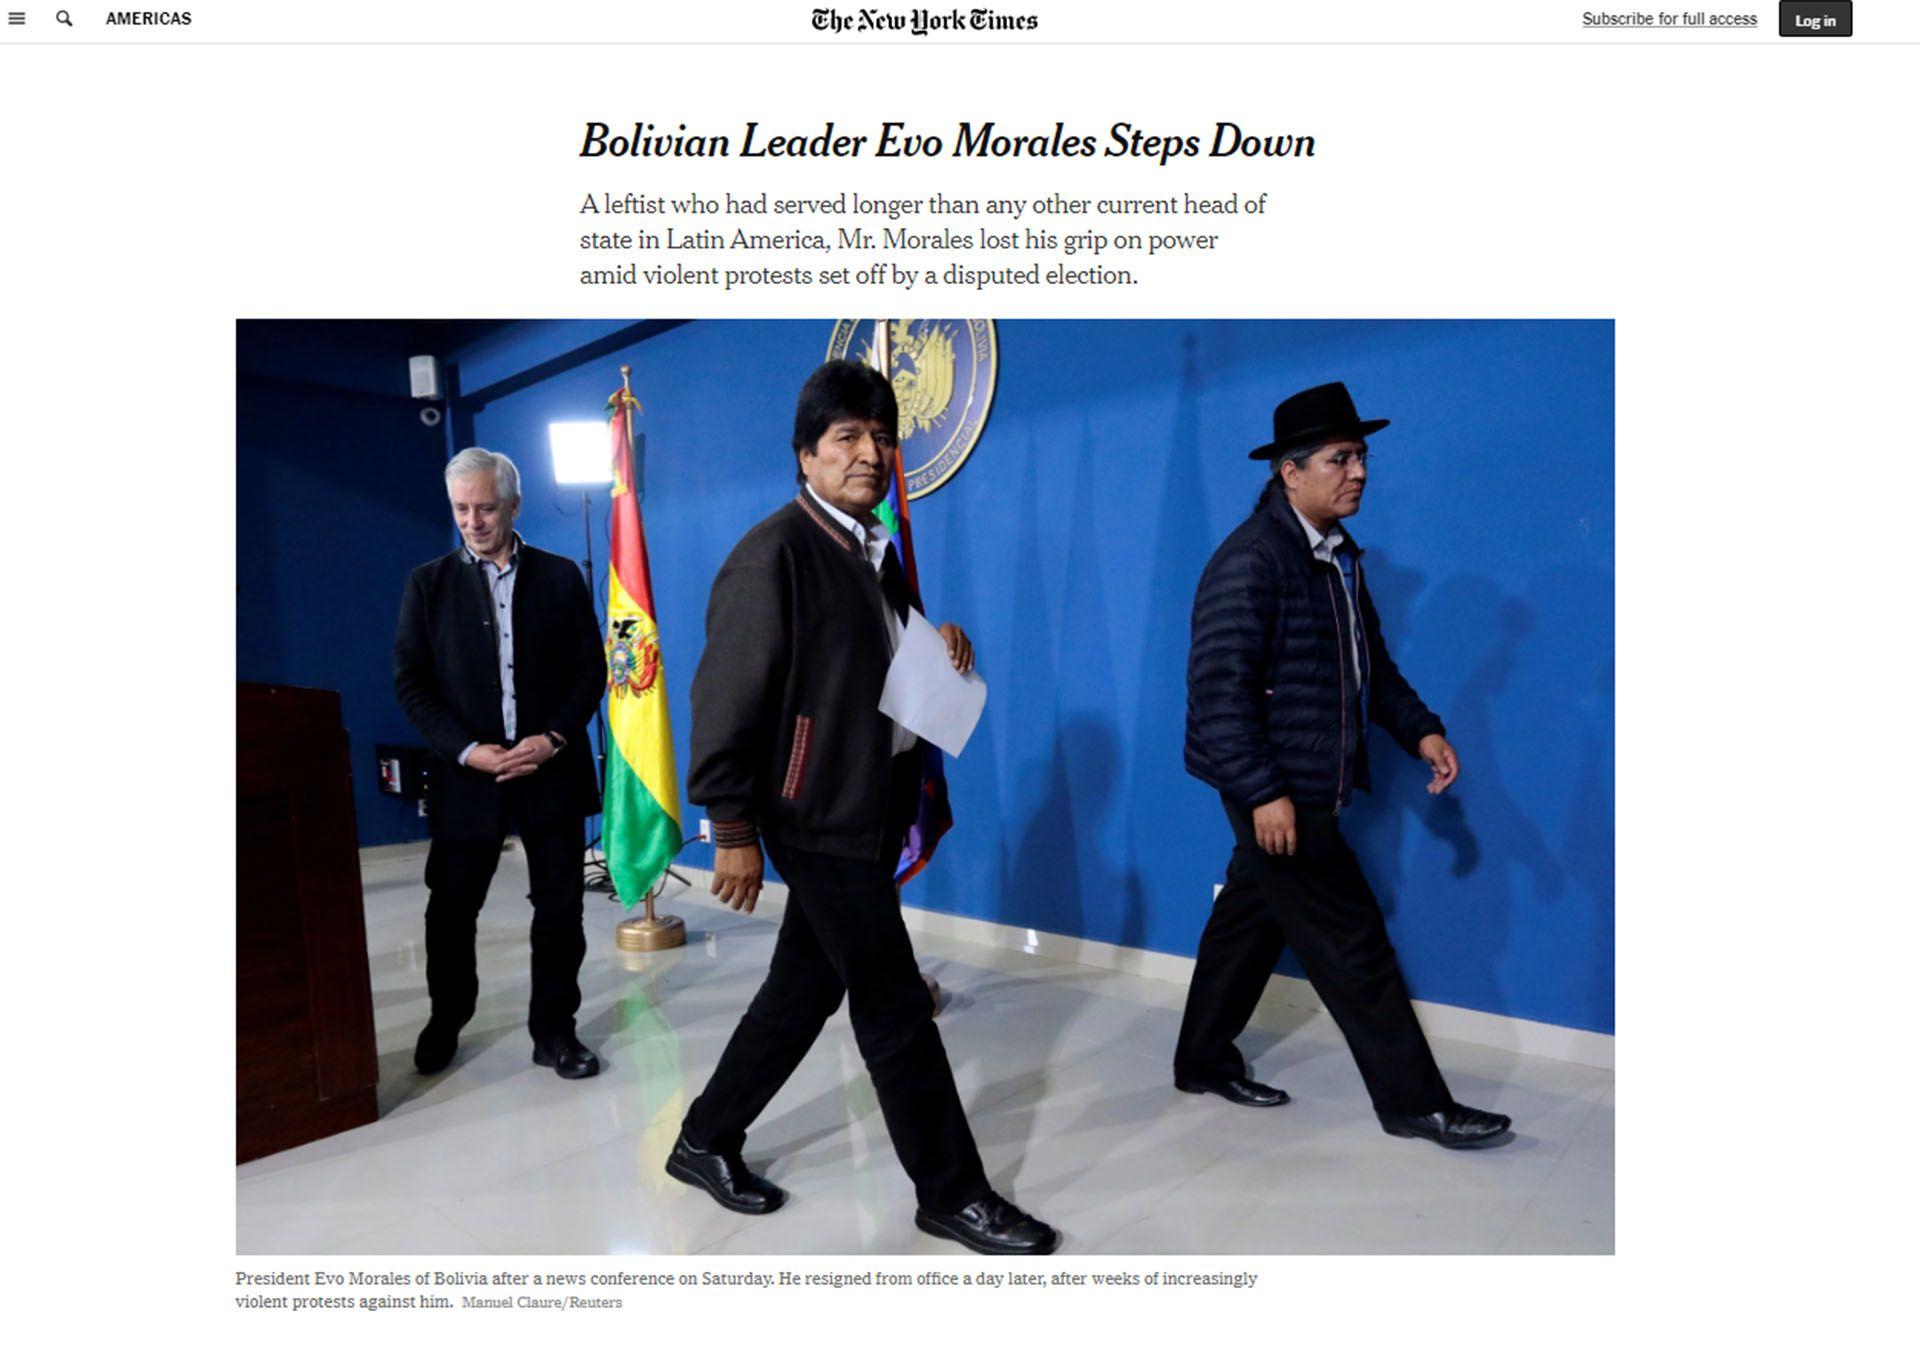 Titulo de The New York Times